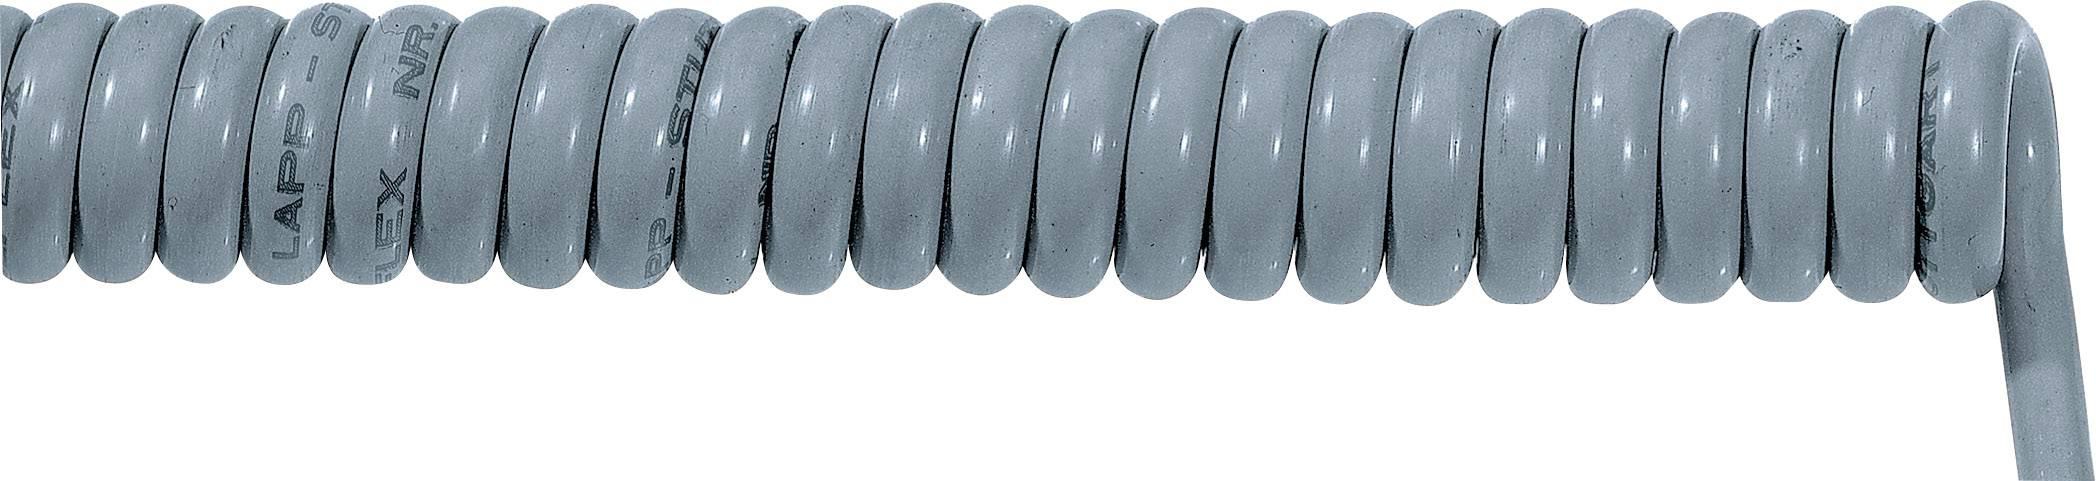 Špirálový kábel 70002648 ÖLFLEX® SPIRAL 400 P 2 x 1 mm², 1500 mm / 4500 mm, sivá